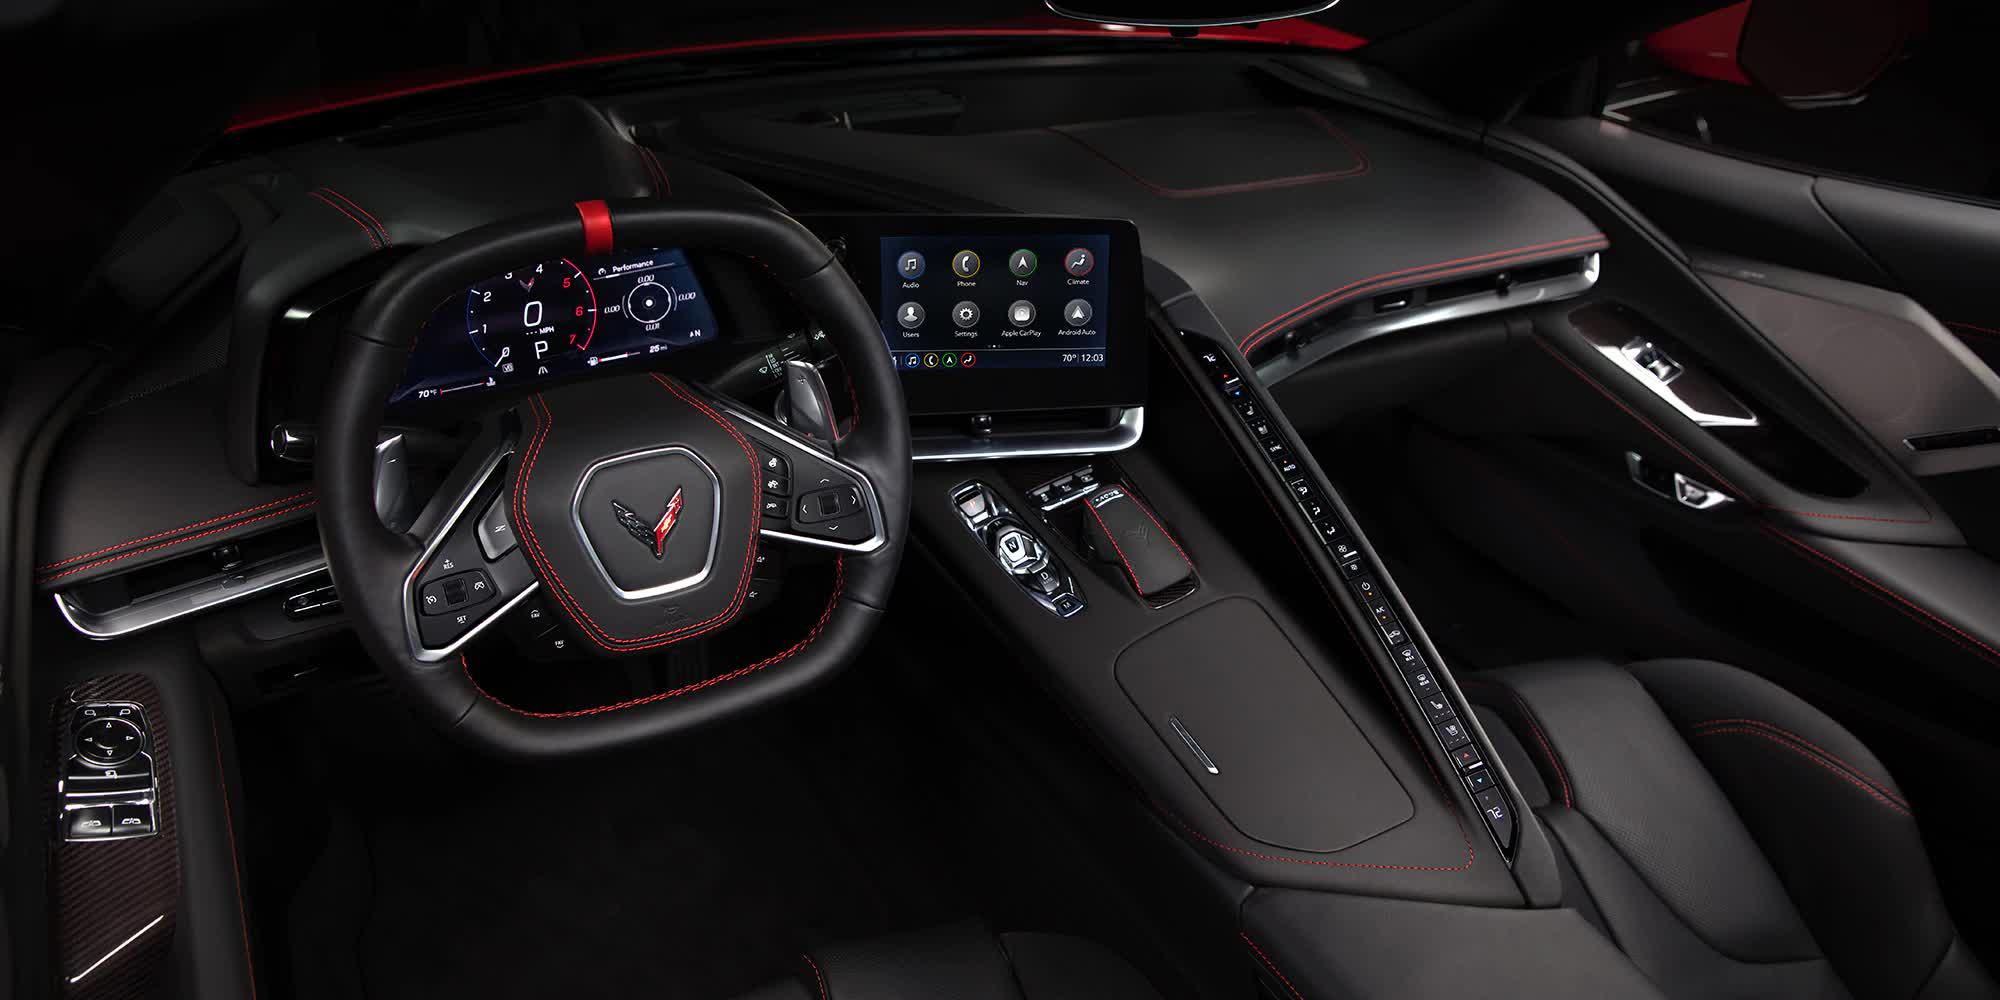 dettaglio-volante-cruscotto-Corvette-c8-stingray-2020-auto-sportiva-a-motore-centrale-disponibile-con-allestimento-coupe-e-convertible-in-esclusiva-presso-gruppo-cavauto-a-Monza.jpg